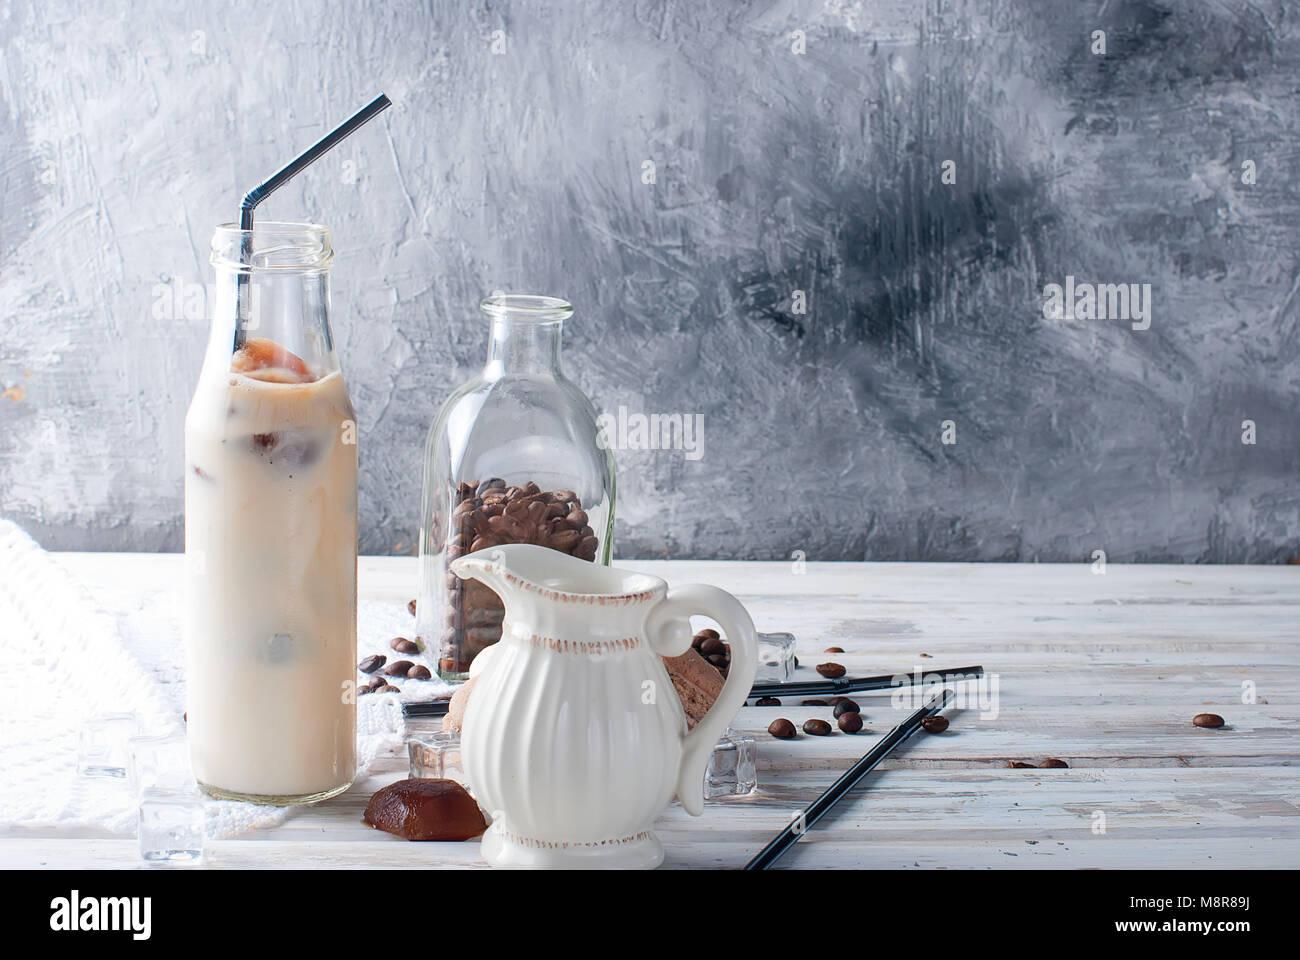 Café hielo en botella, mostachones, trozos de chocolate y granos de café en una mesa oscura Imagen De Stock